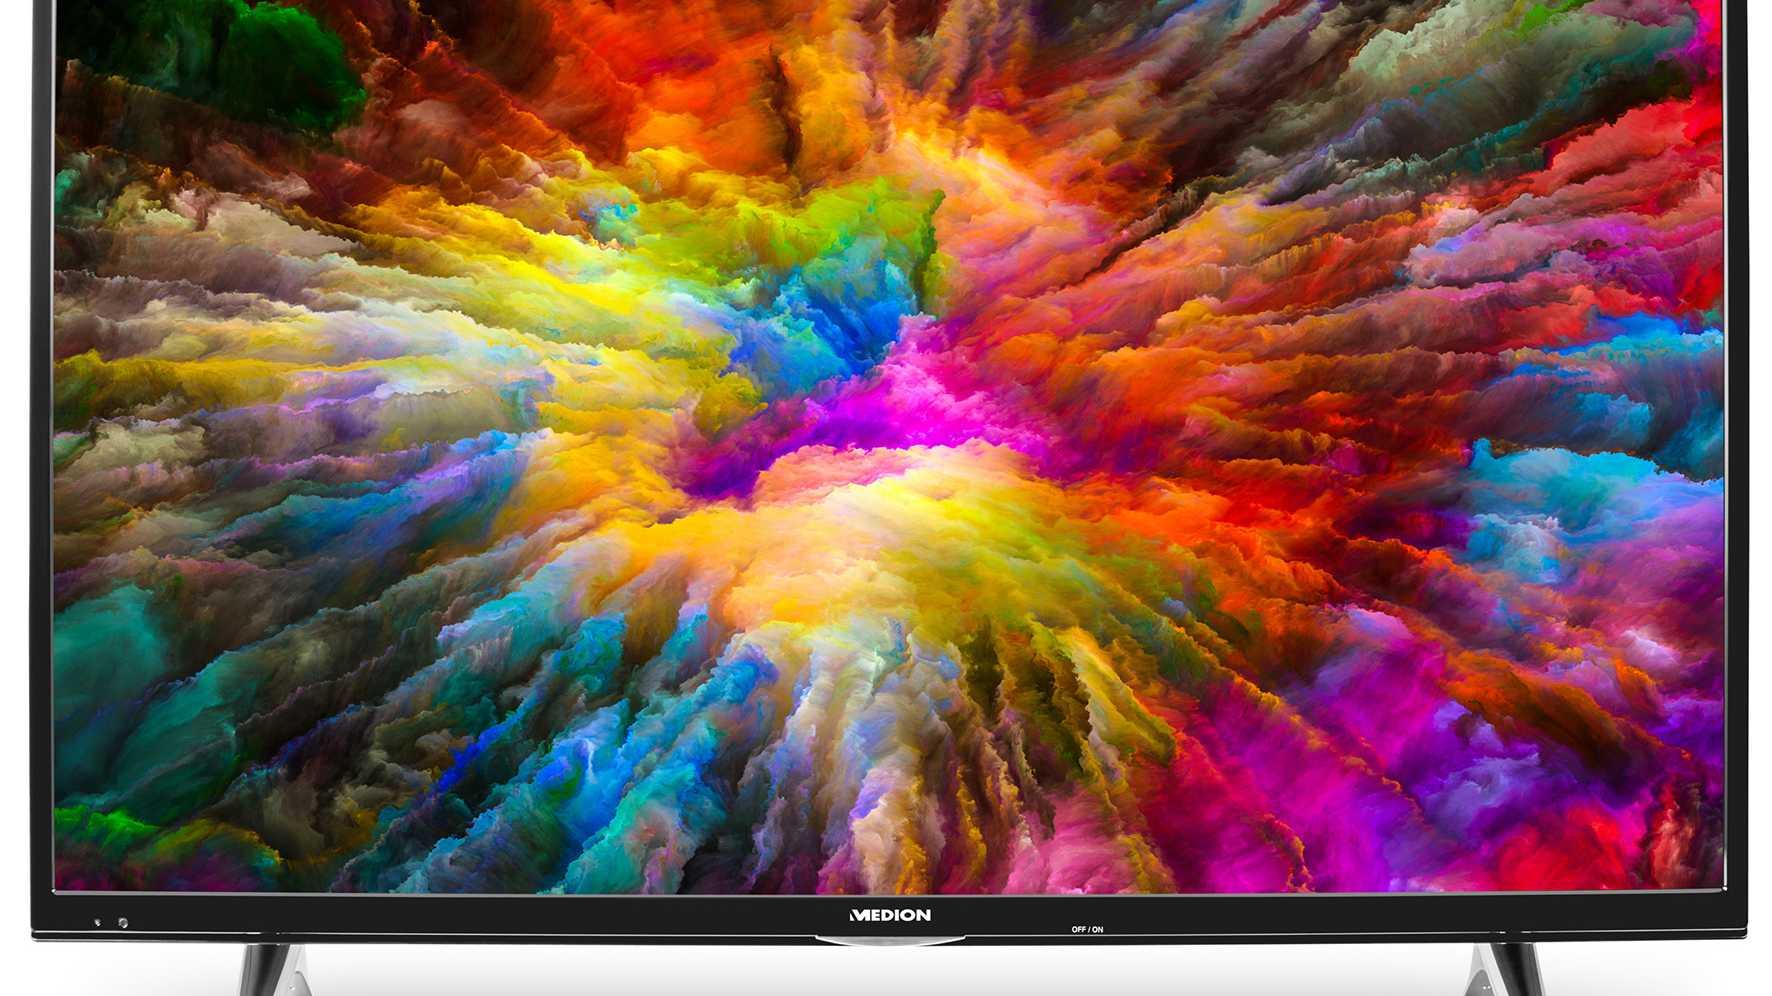 Aldi-Angebot: Smart-TV mit 49 Zoll, 4K-Auflösung, HDR und Streaming-Apps